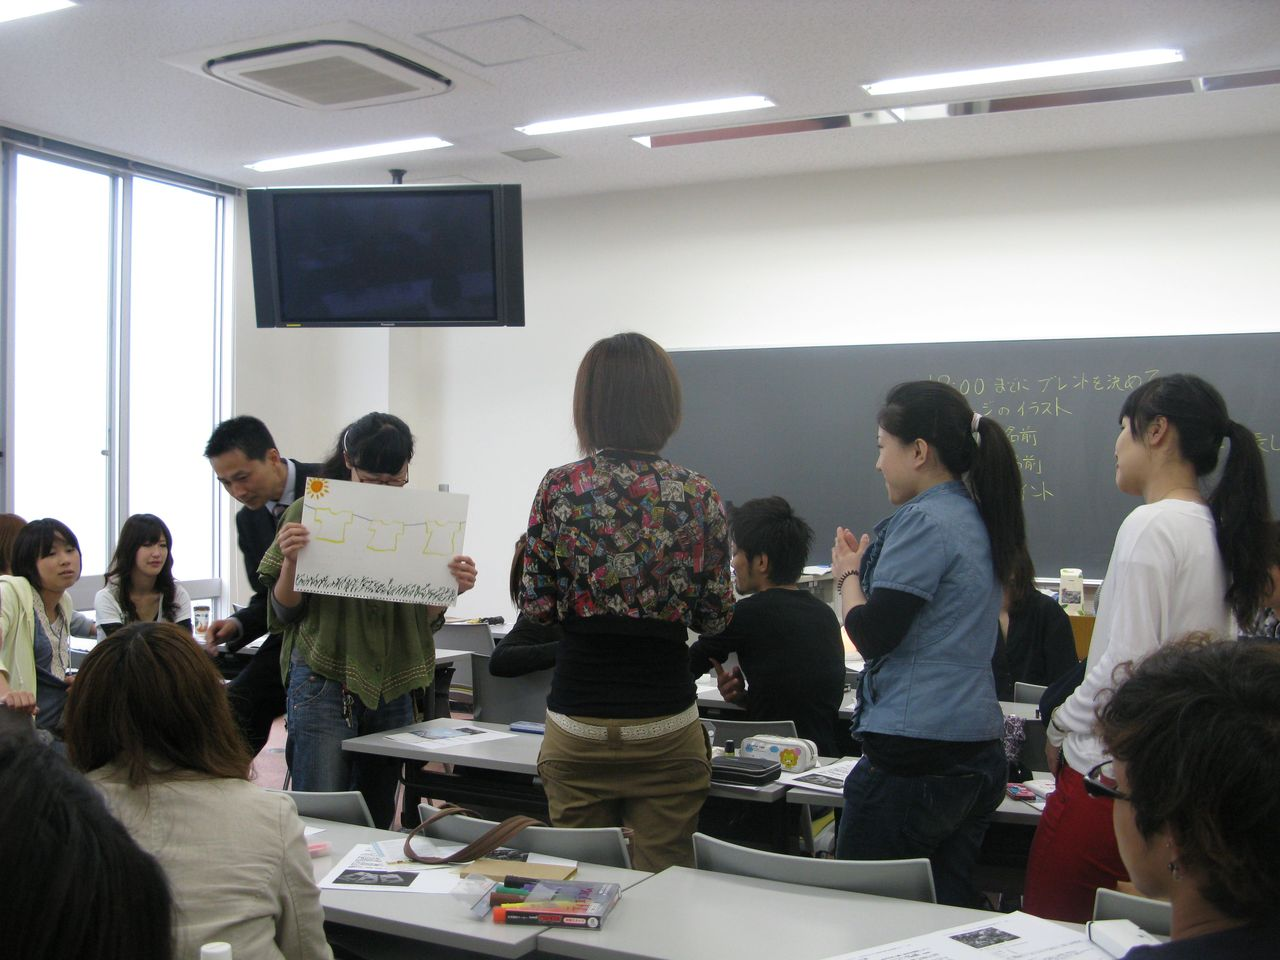 神戸夙川学院大学アロマテラピー講義・発表中後ろからごめんね